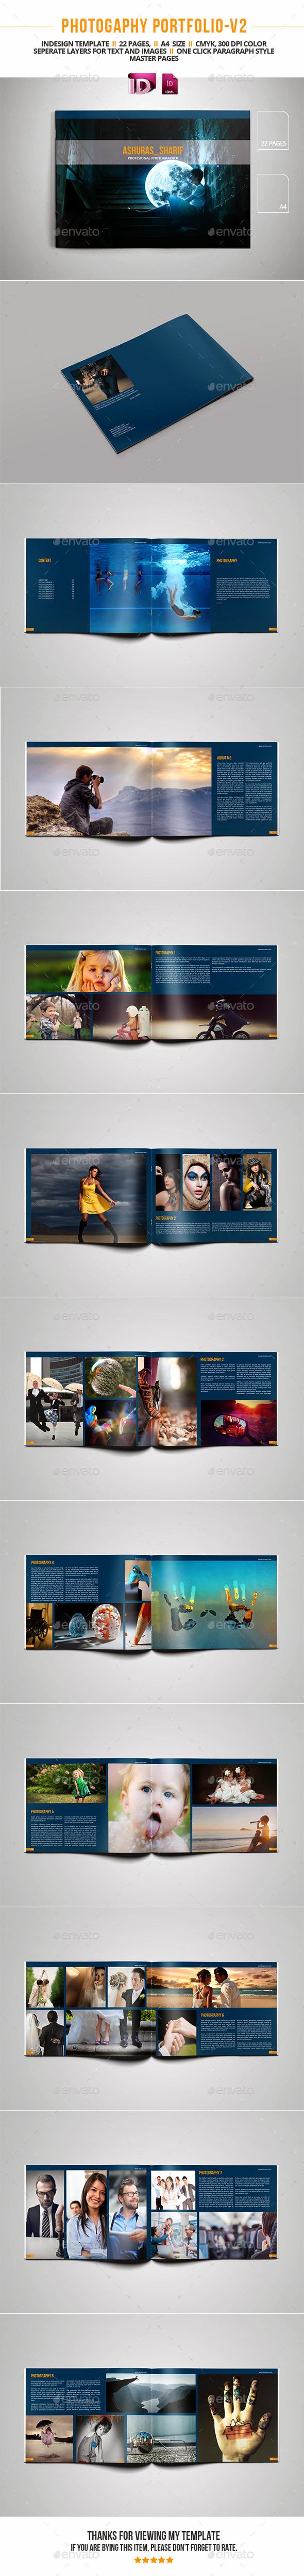 GraphicRiver Photography Portfolio V2 11763271